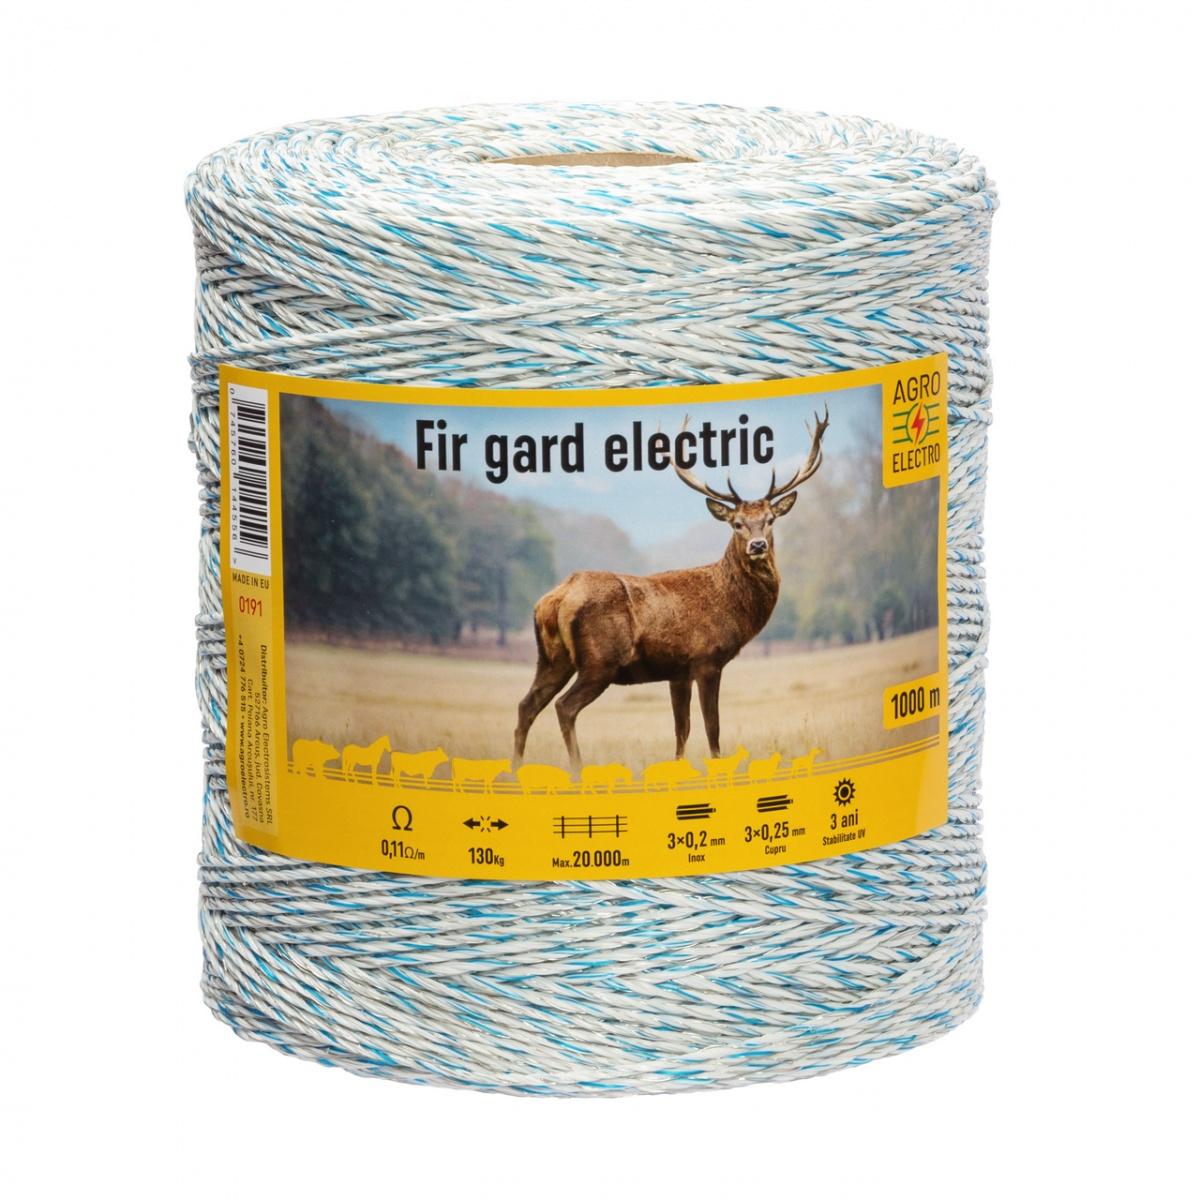 Fir gard electric - 1000m - 130kg - 0,11Ω/m